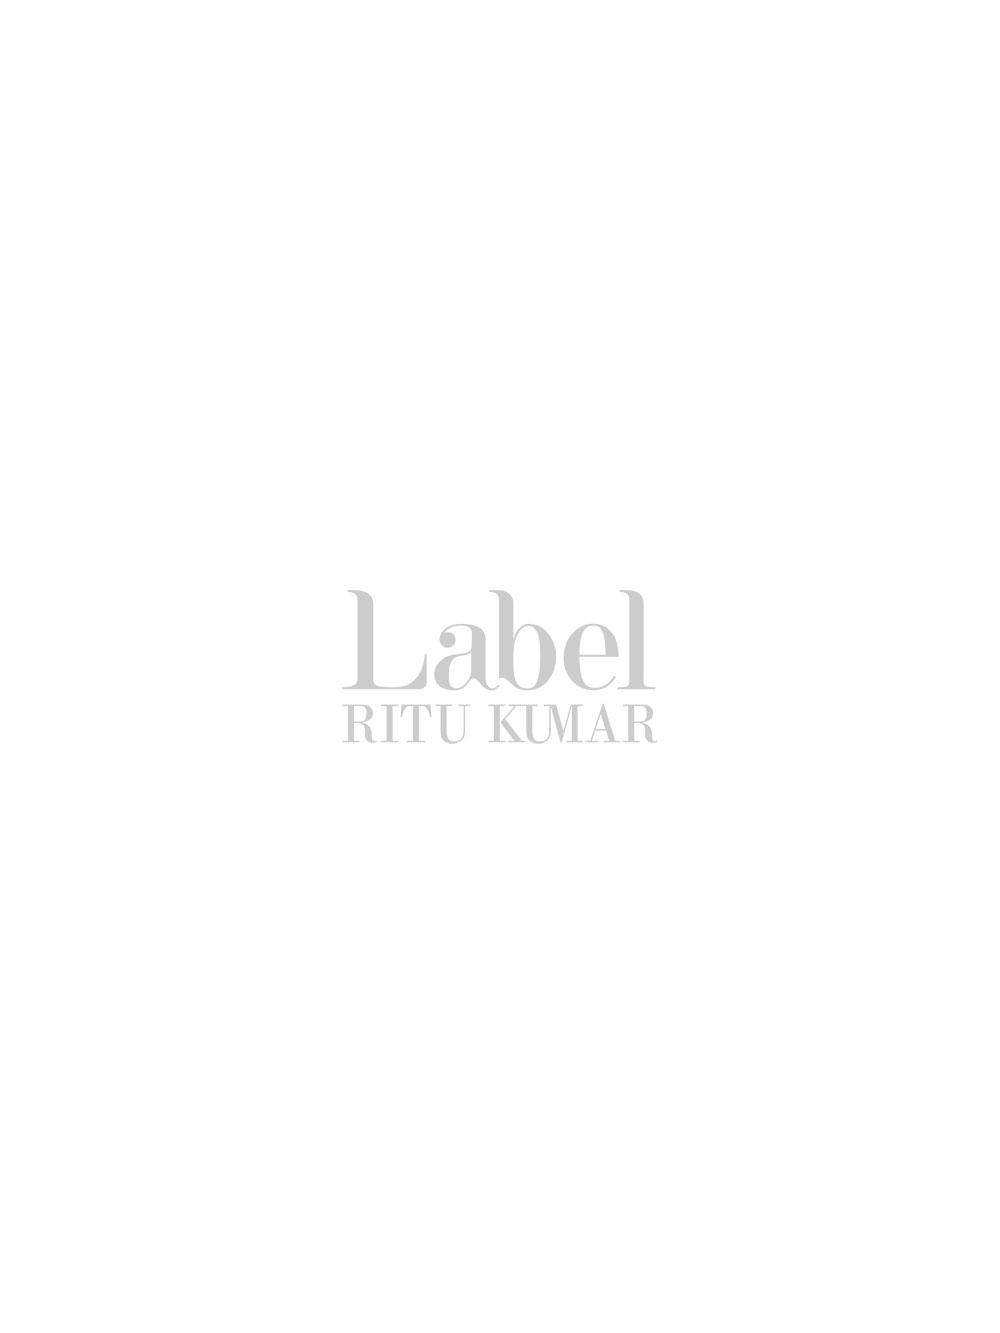 Black & White Monochrome Shift Dress